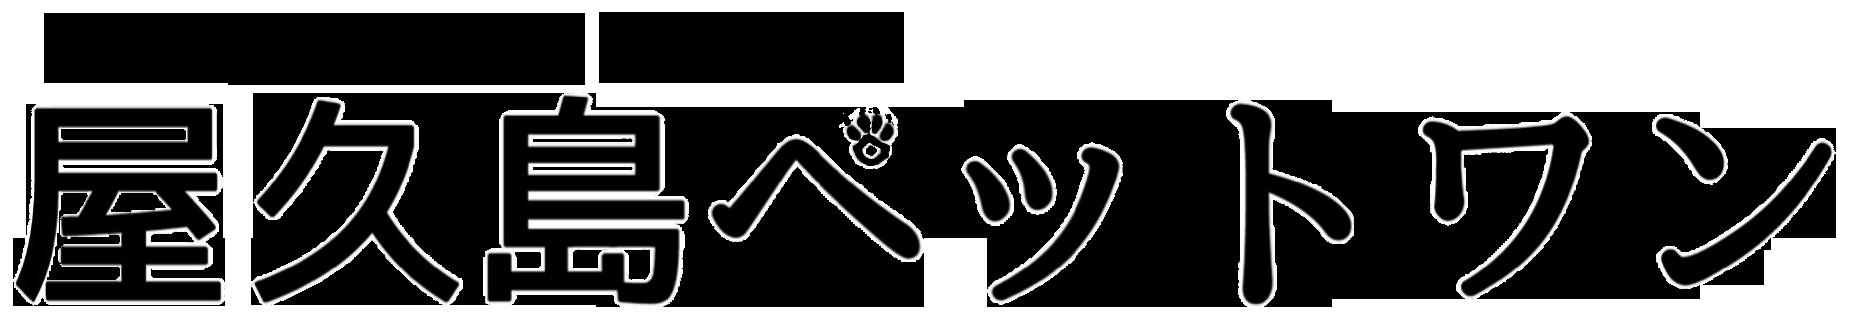 屋久島ペットワン|鹿肉と鹿の全てがペットのごほうび